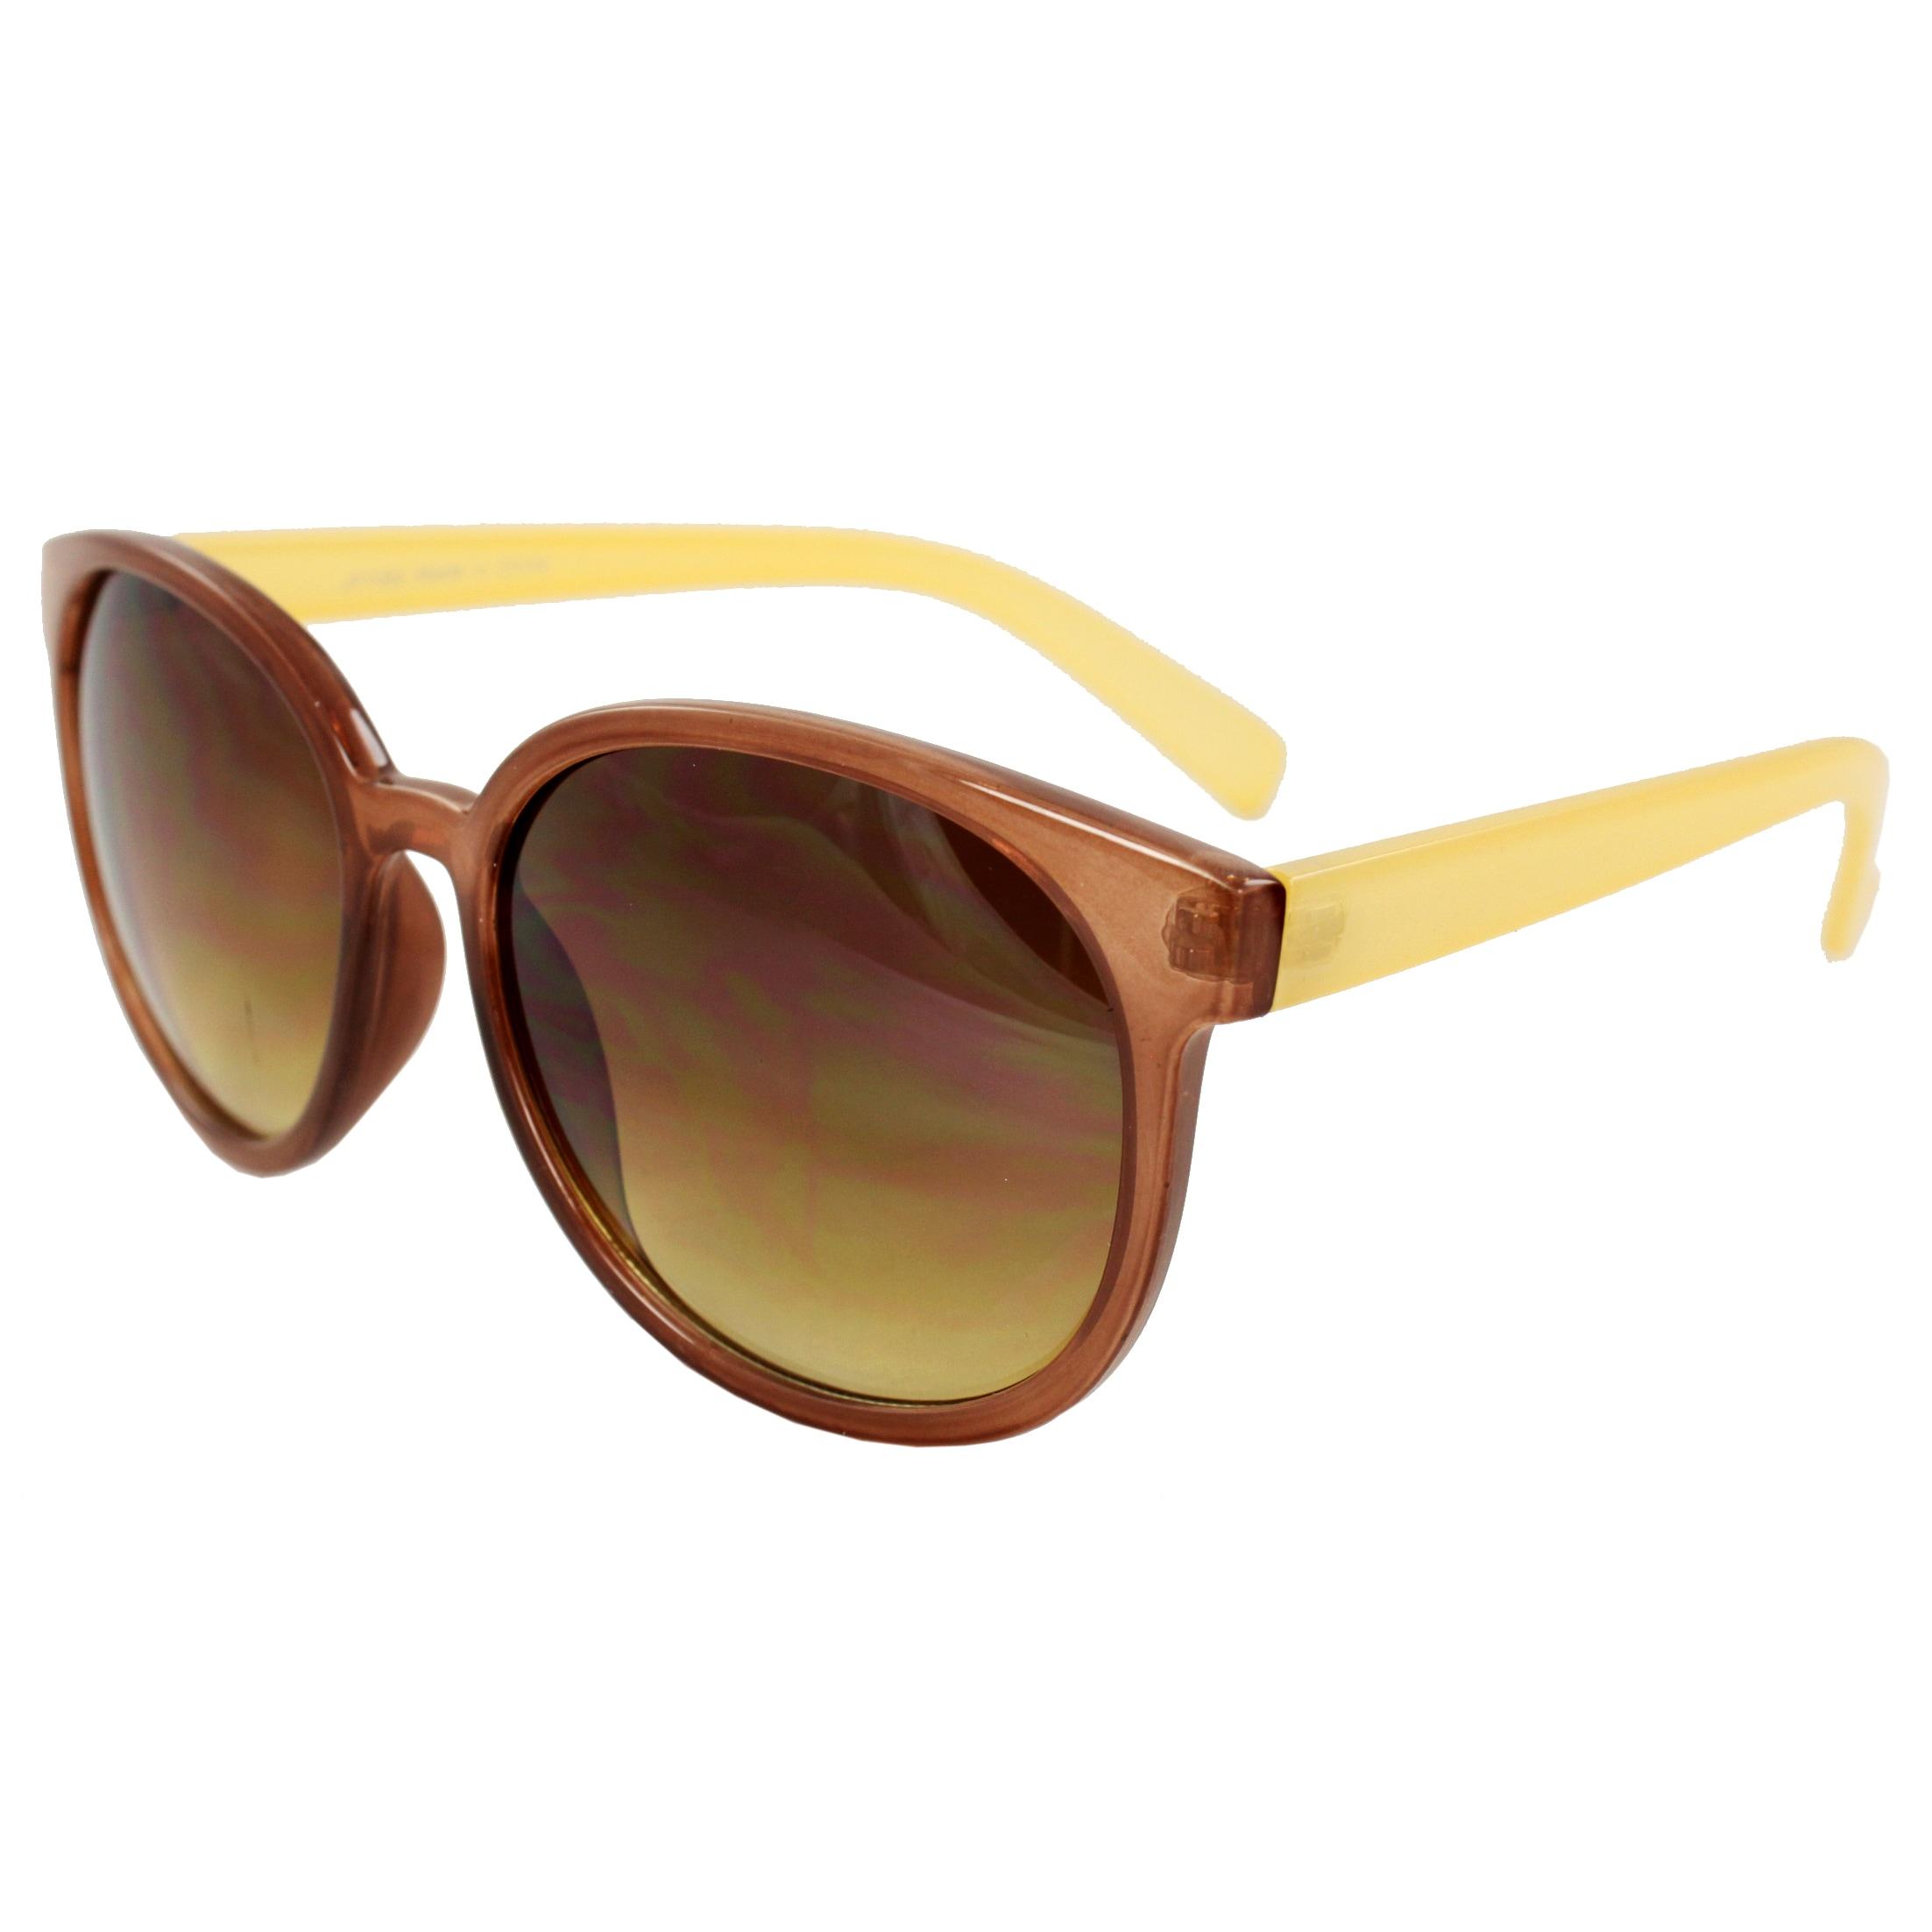 Unisex Two-Tone Oval Fashion Sunglasses